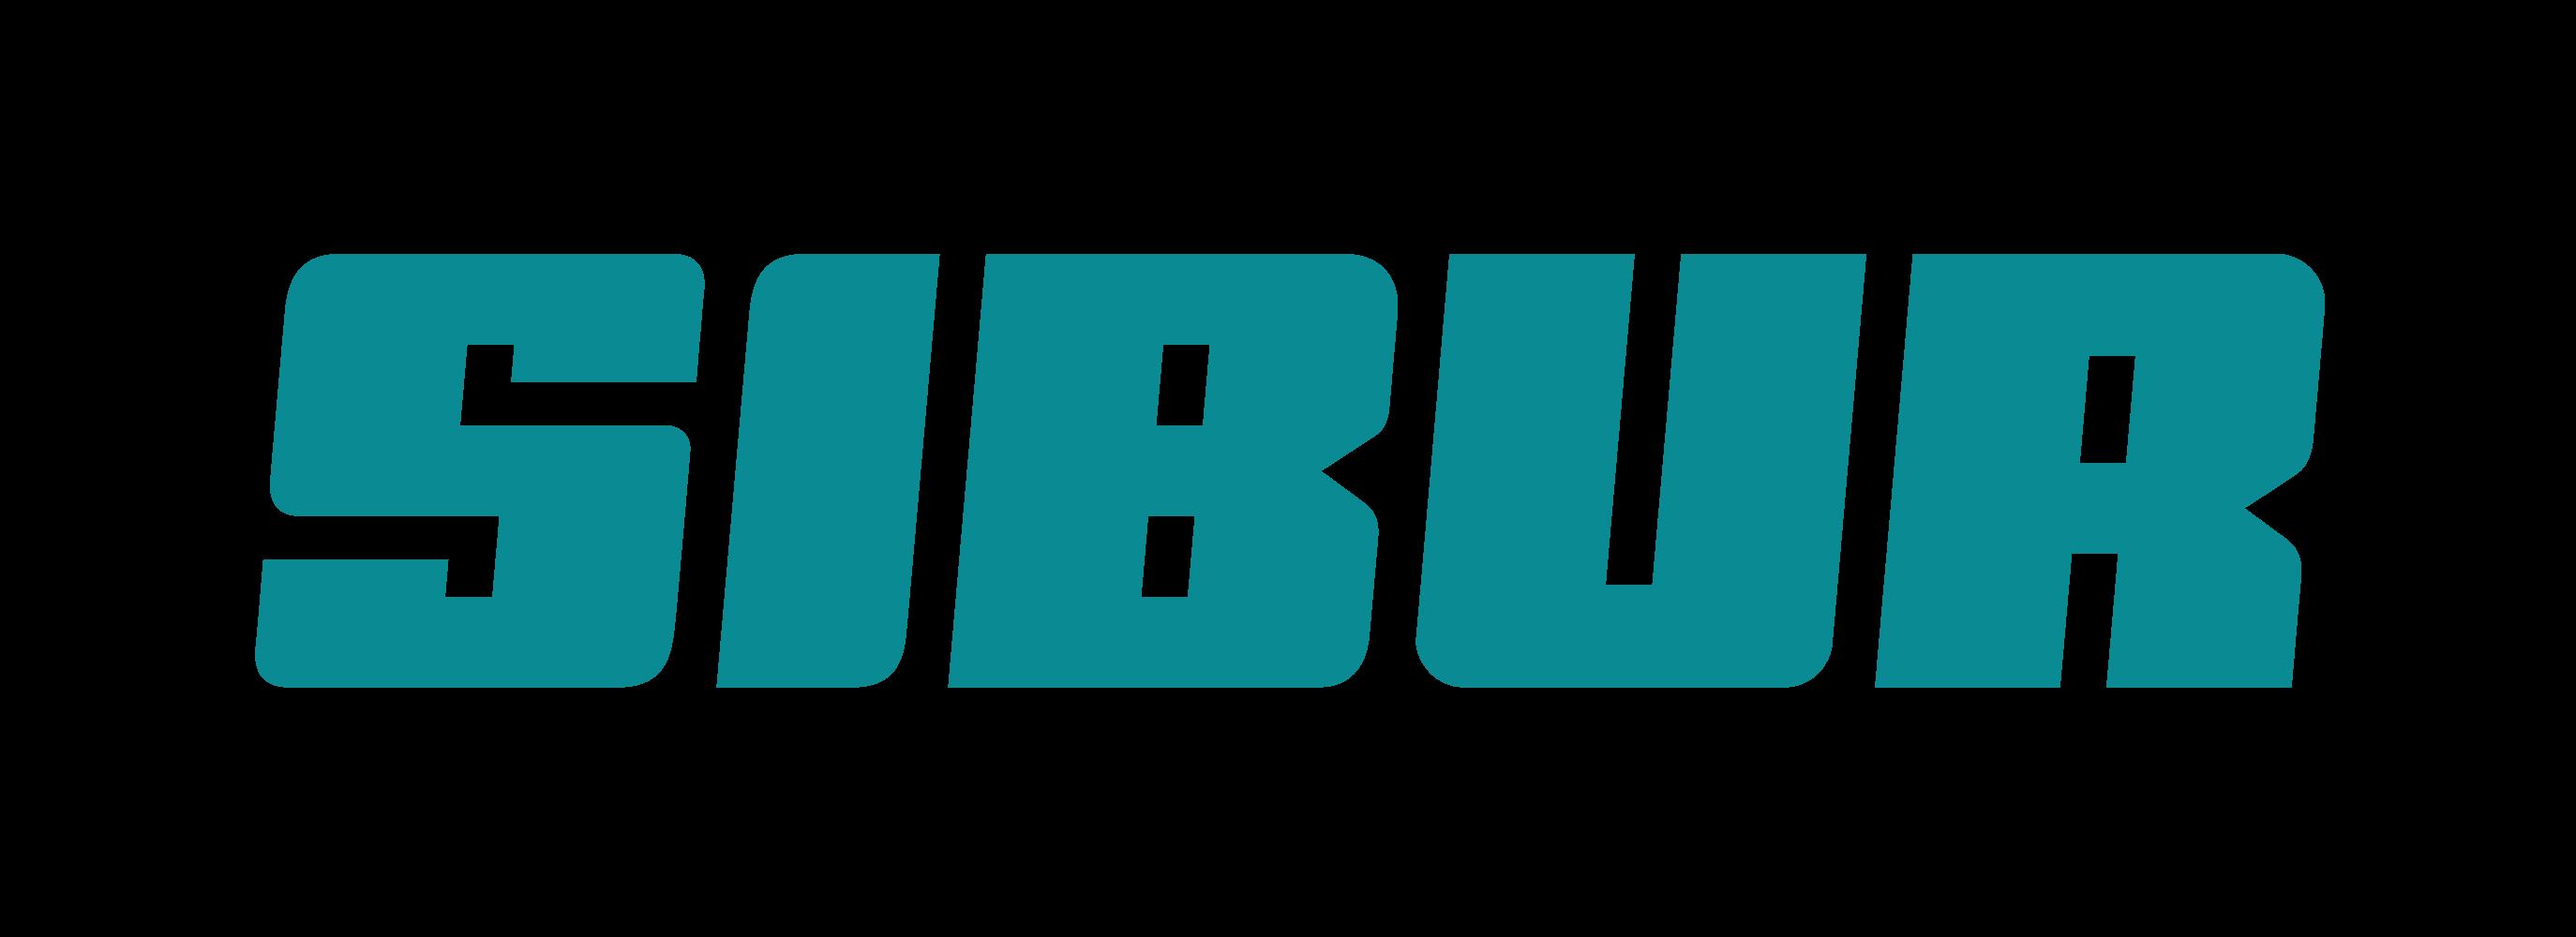 Sibur-Holding ОJSC